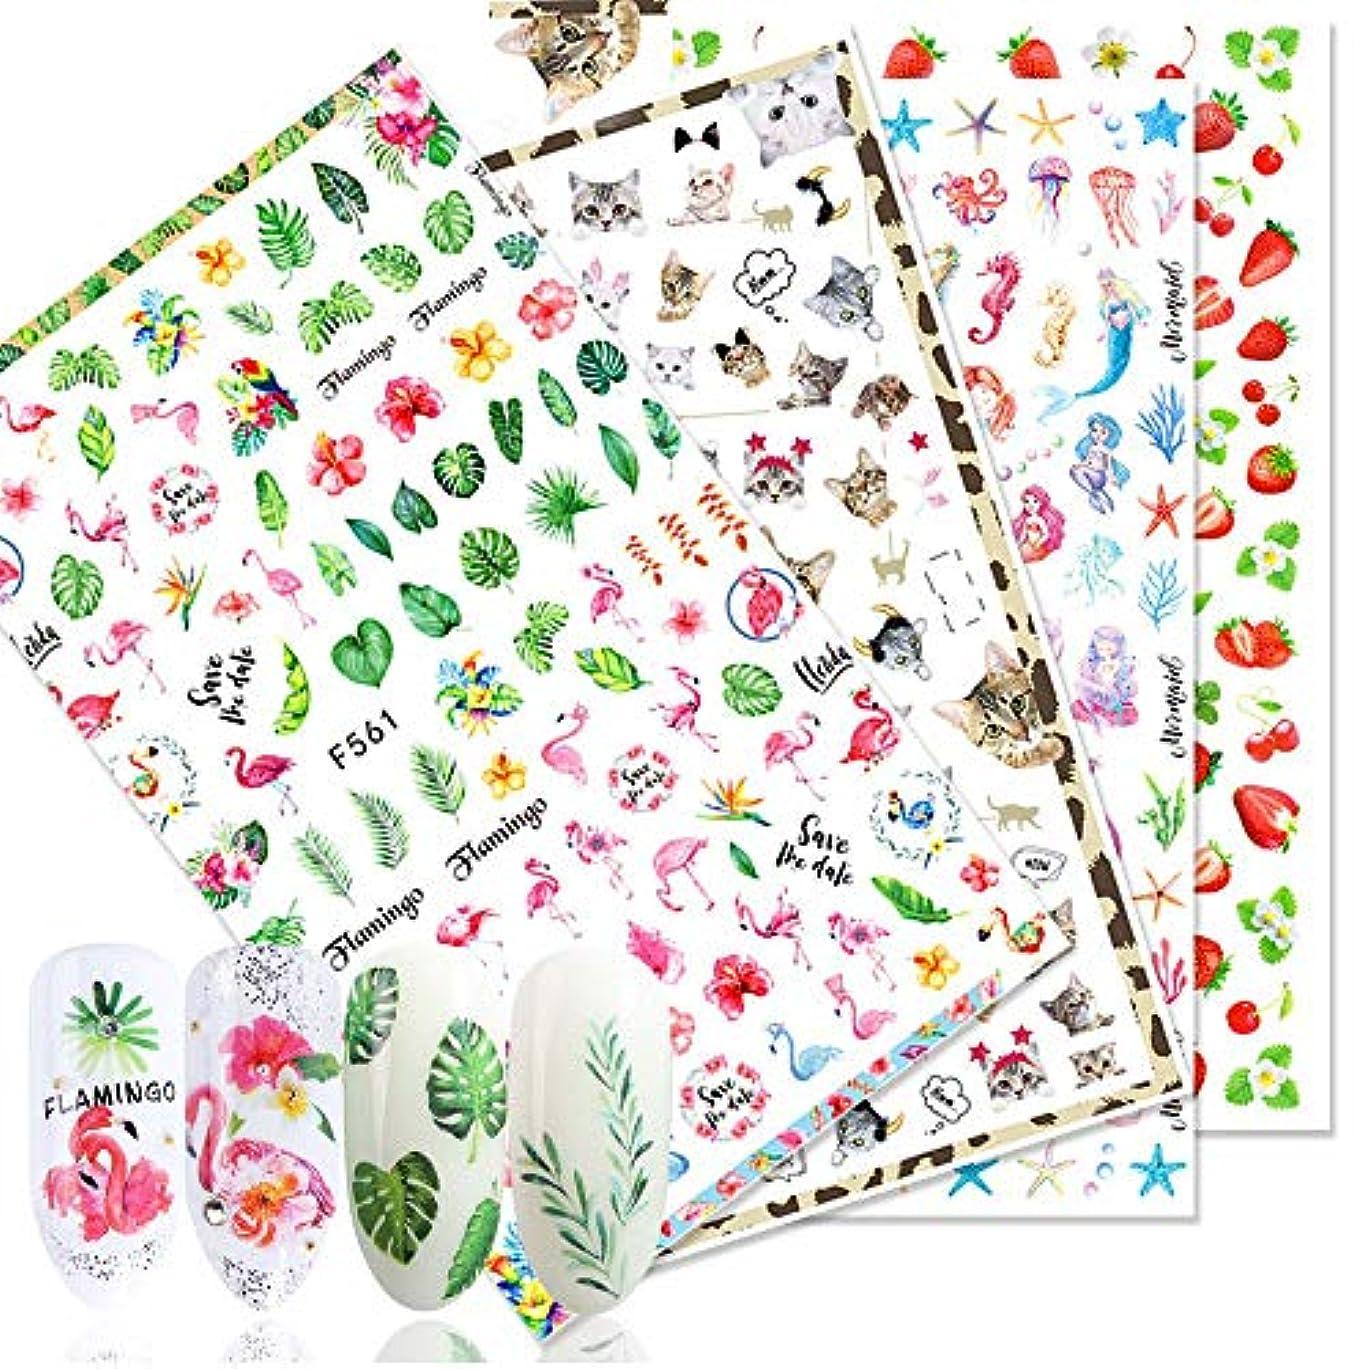 パスポートコイン親愛なLookathot 21枚粘着3Dデザインネイルアートステッカーデカールフラミンゴ英単語葉パターンマニキュアDIY